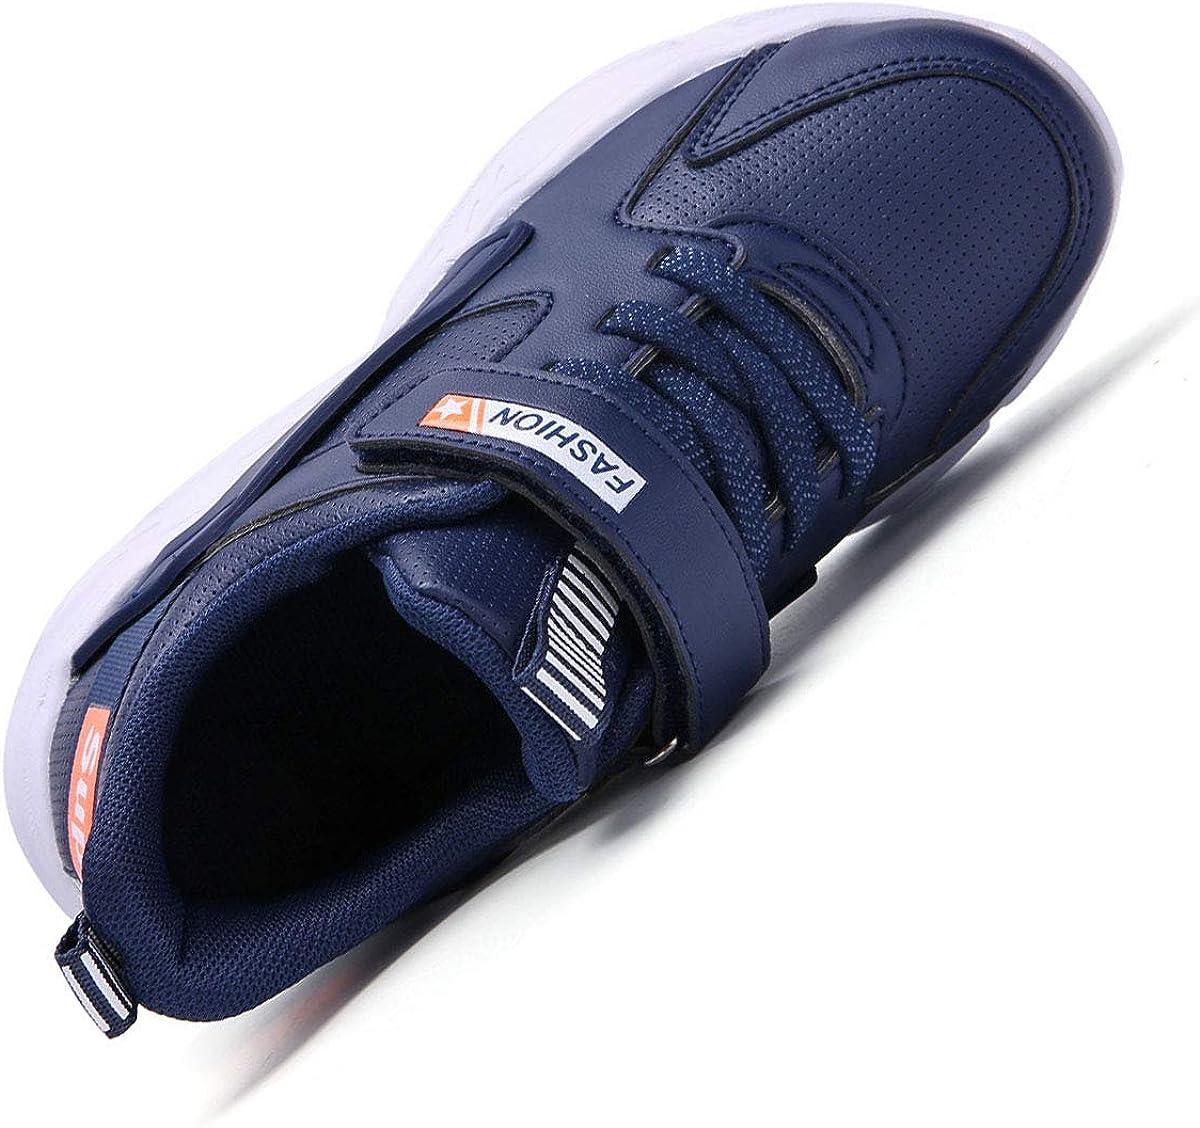 28-41EU HSNA Enfant Baskets Mode L/ég/ères Chaussures de Course l/'/école Gar/çons Fille Sneakers